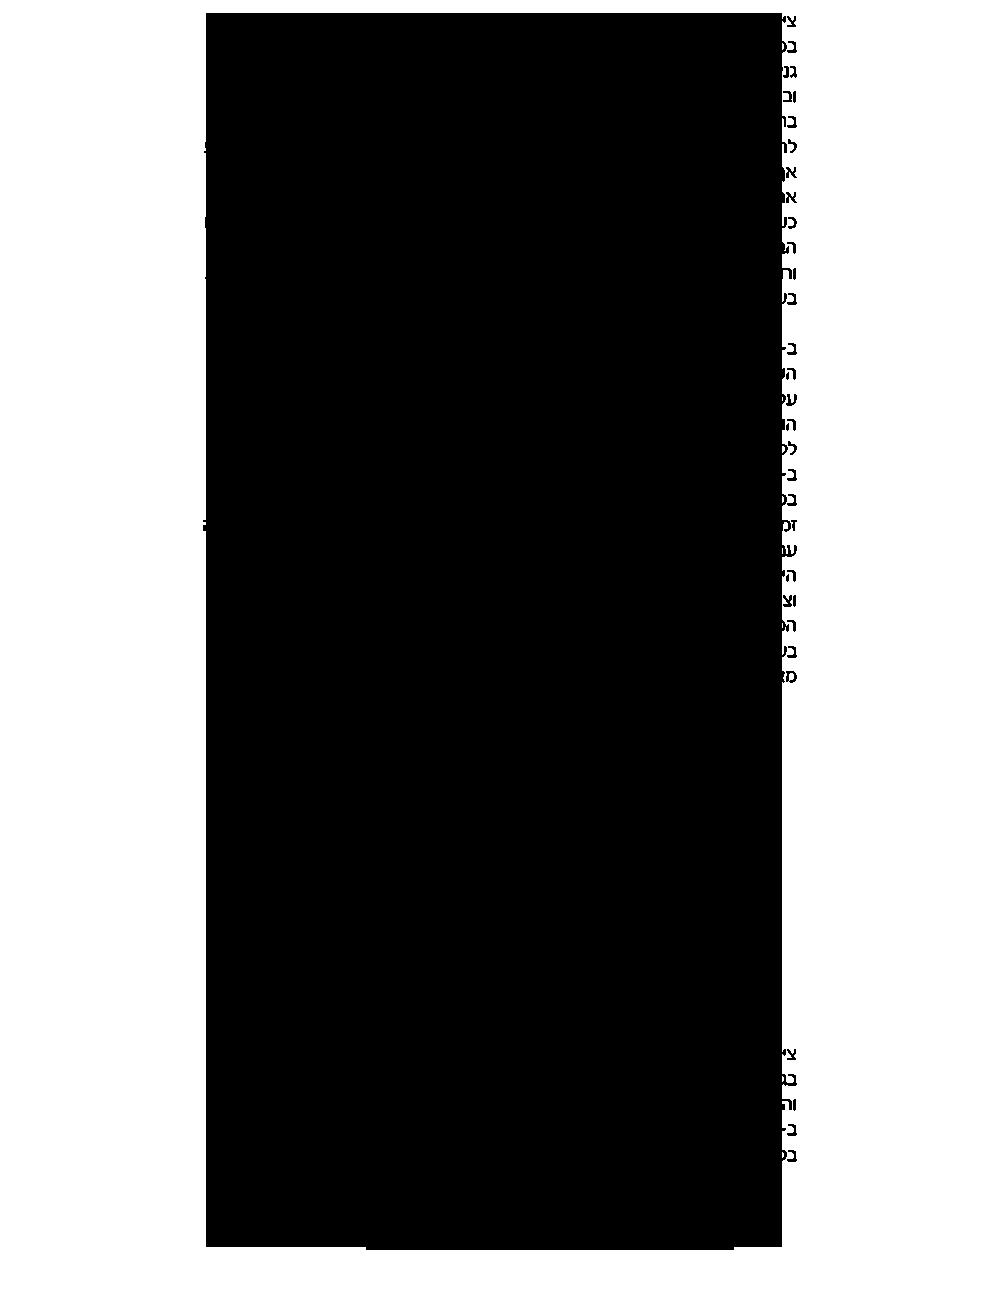 טקסט על צילה שרייבר